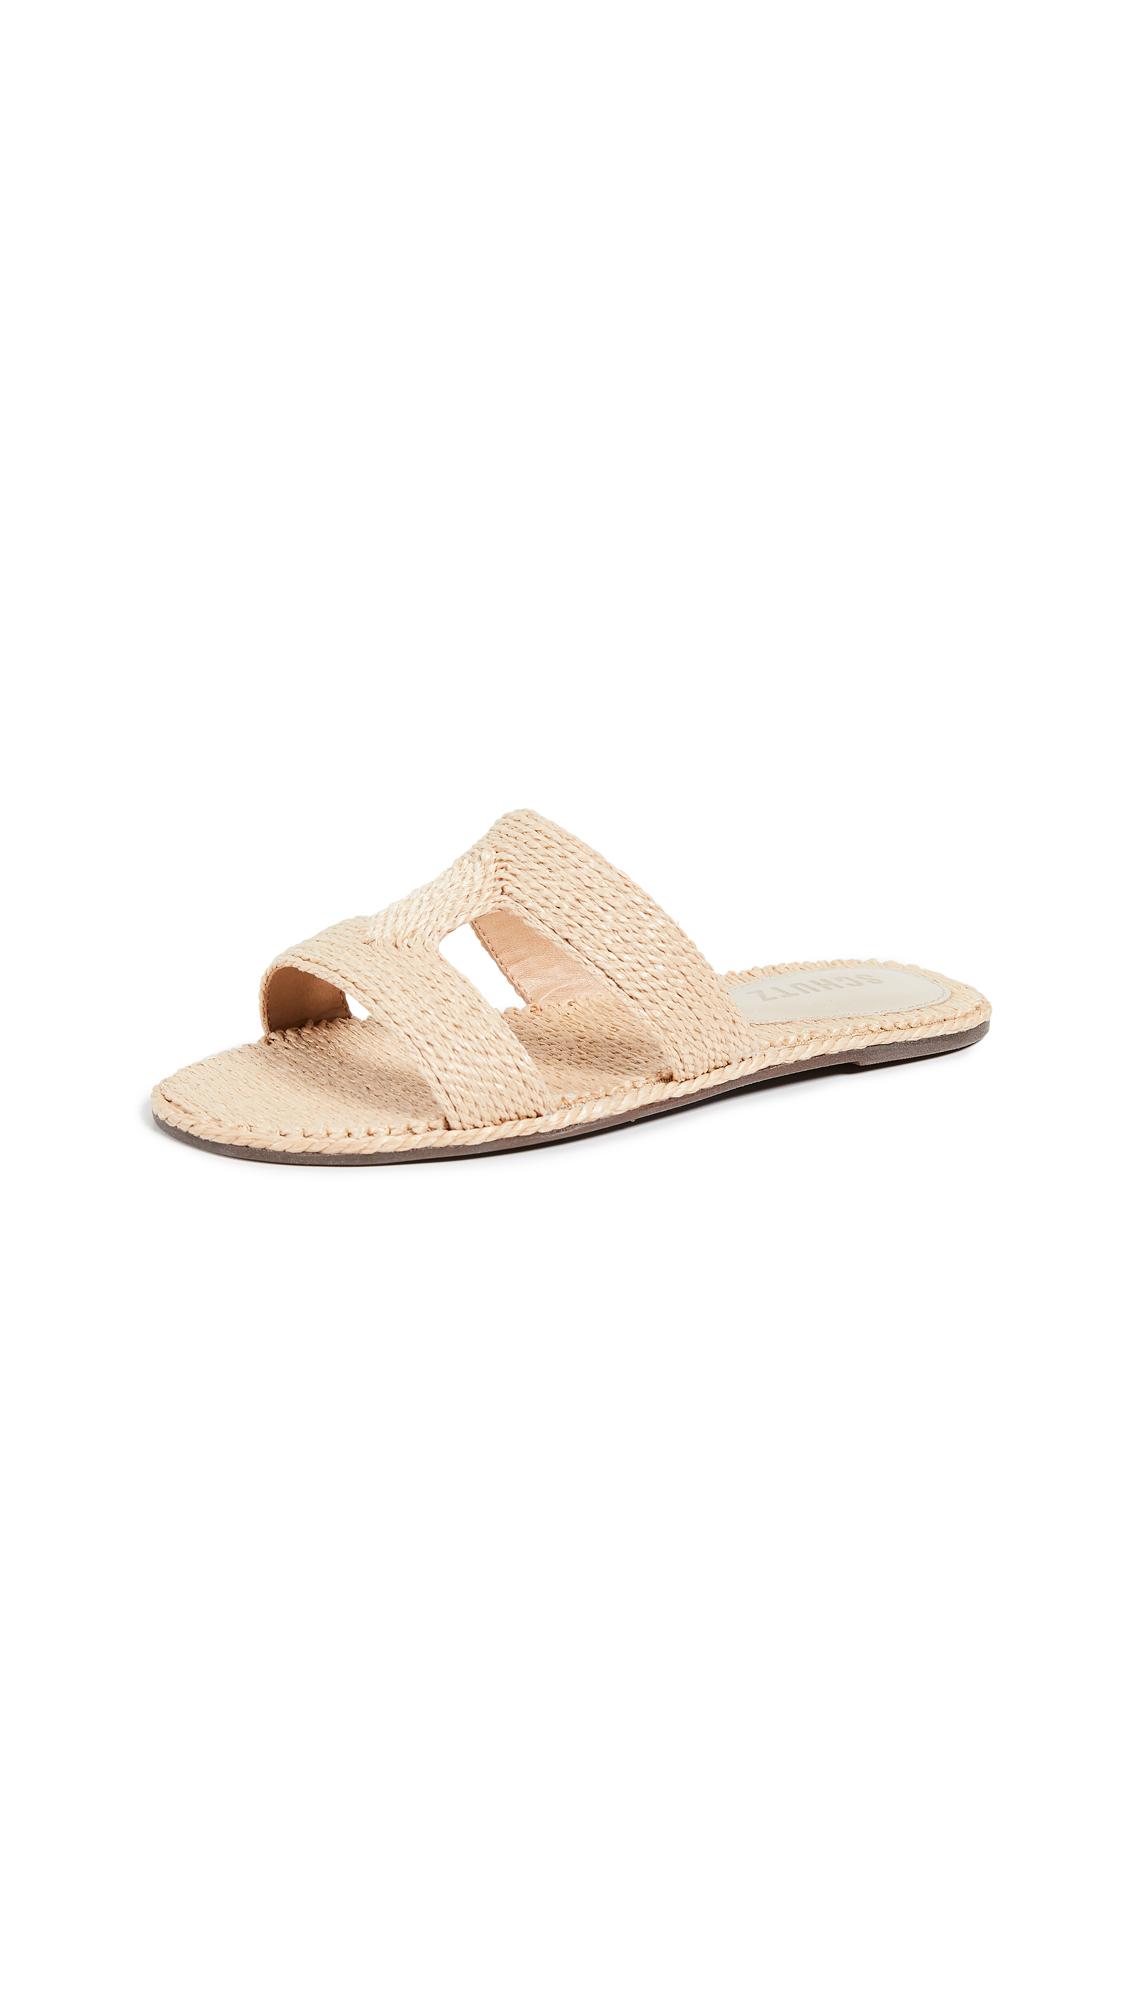 Schutz Tammya Sandals - Palha